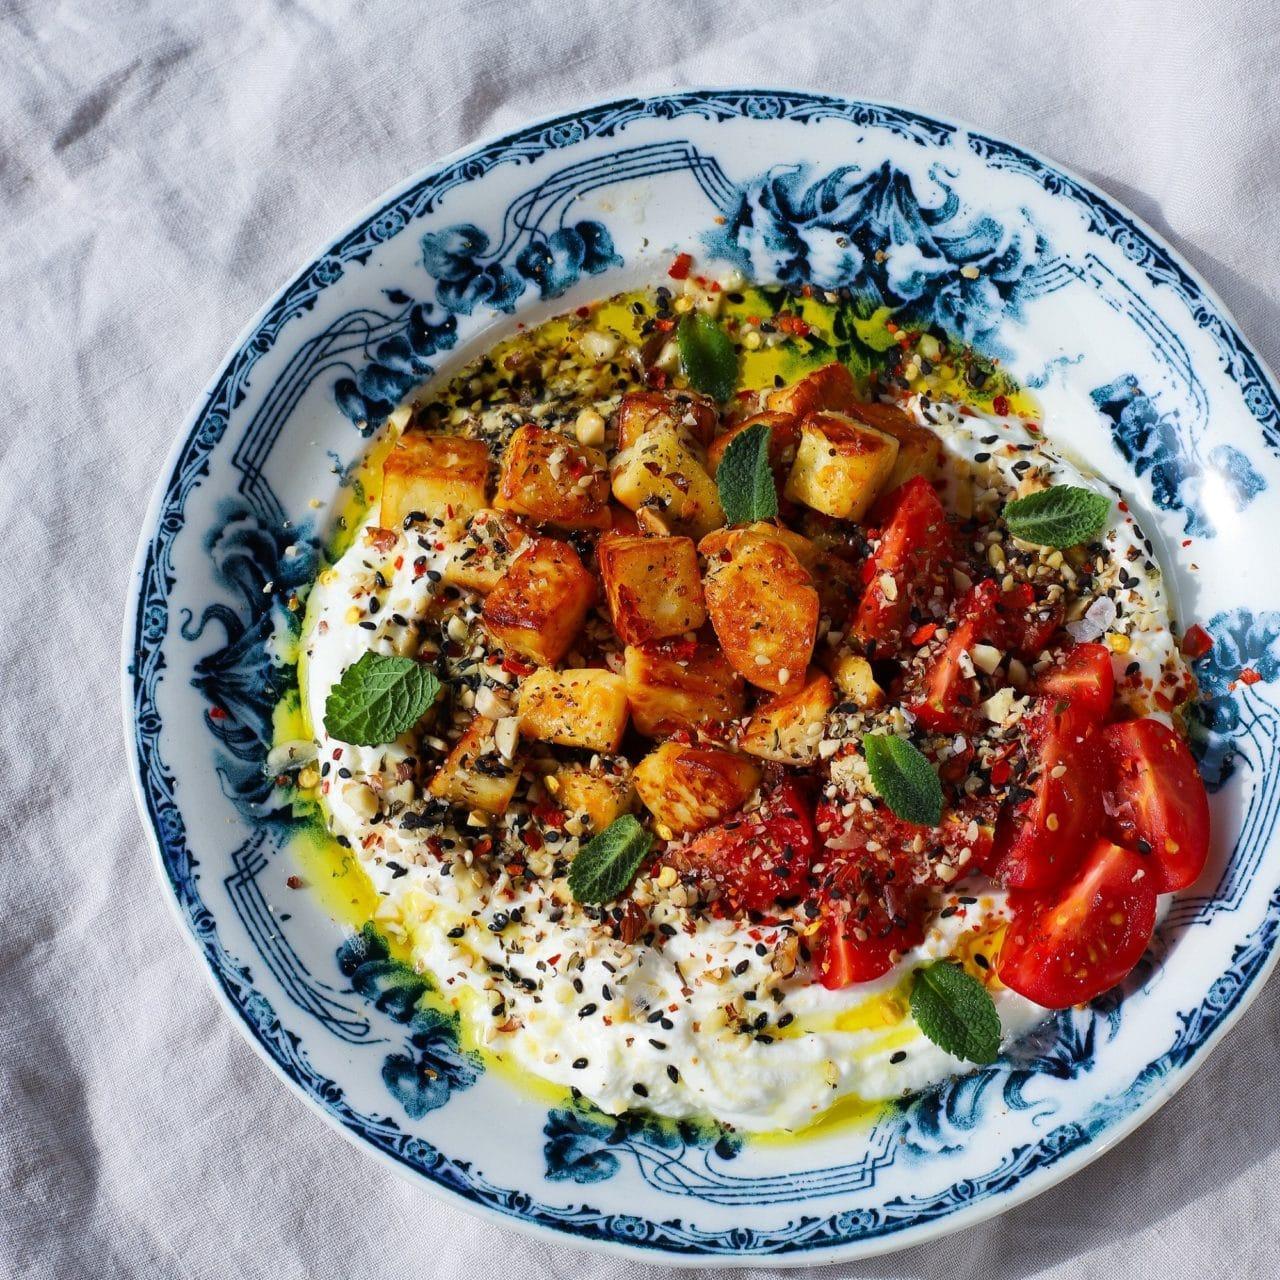 En blå och vit tallrik på en duk toppad med Halloumi bitar, Larsa yoghurt och tahini.